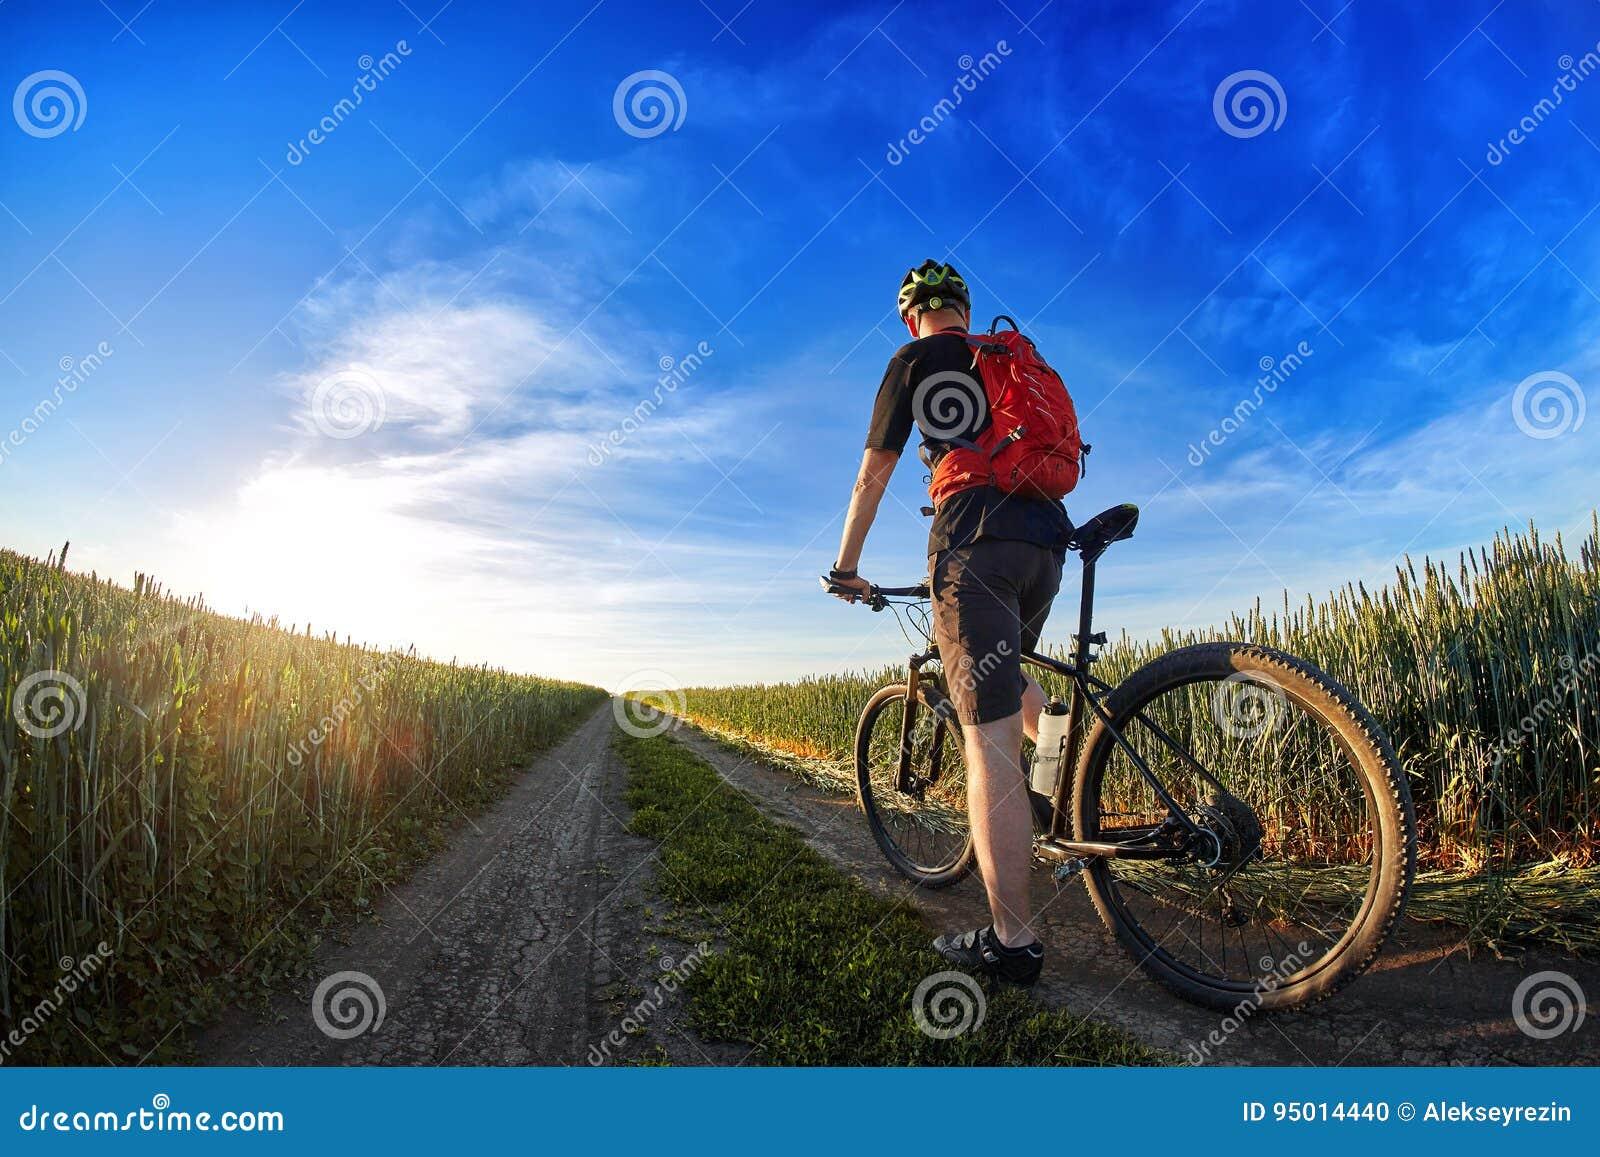 Vista posterior de la bici de montaña del montar a caballo del ciclista en el rastro contra el cielo hermoso